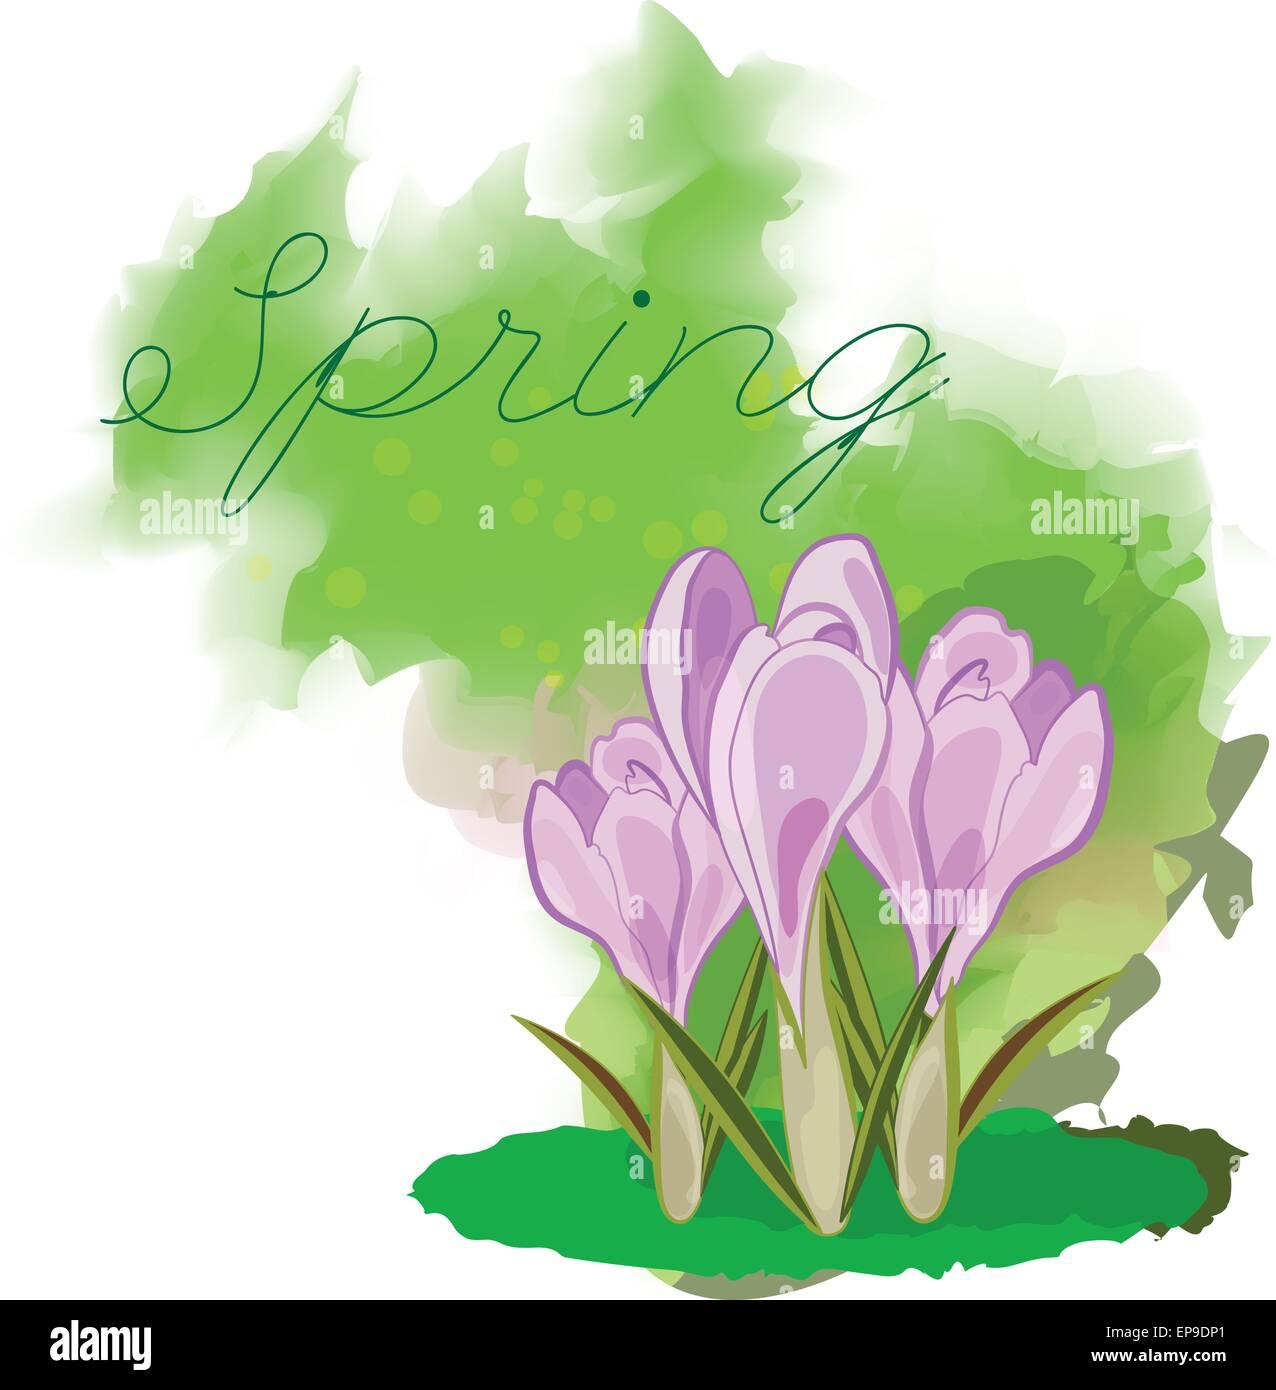 Innenarchitektur Welche Blumen Blühen Im März Sammlung Von Frühling Blumen. . Grußkarte Für März 8.